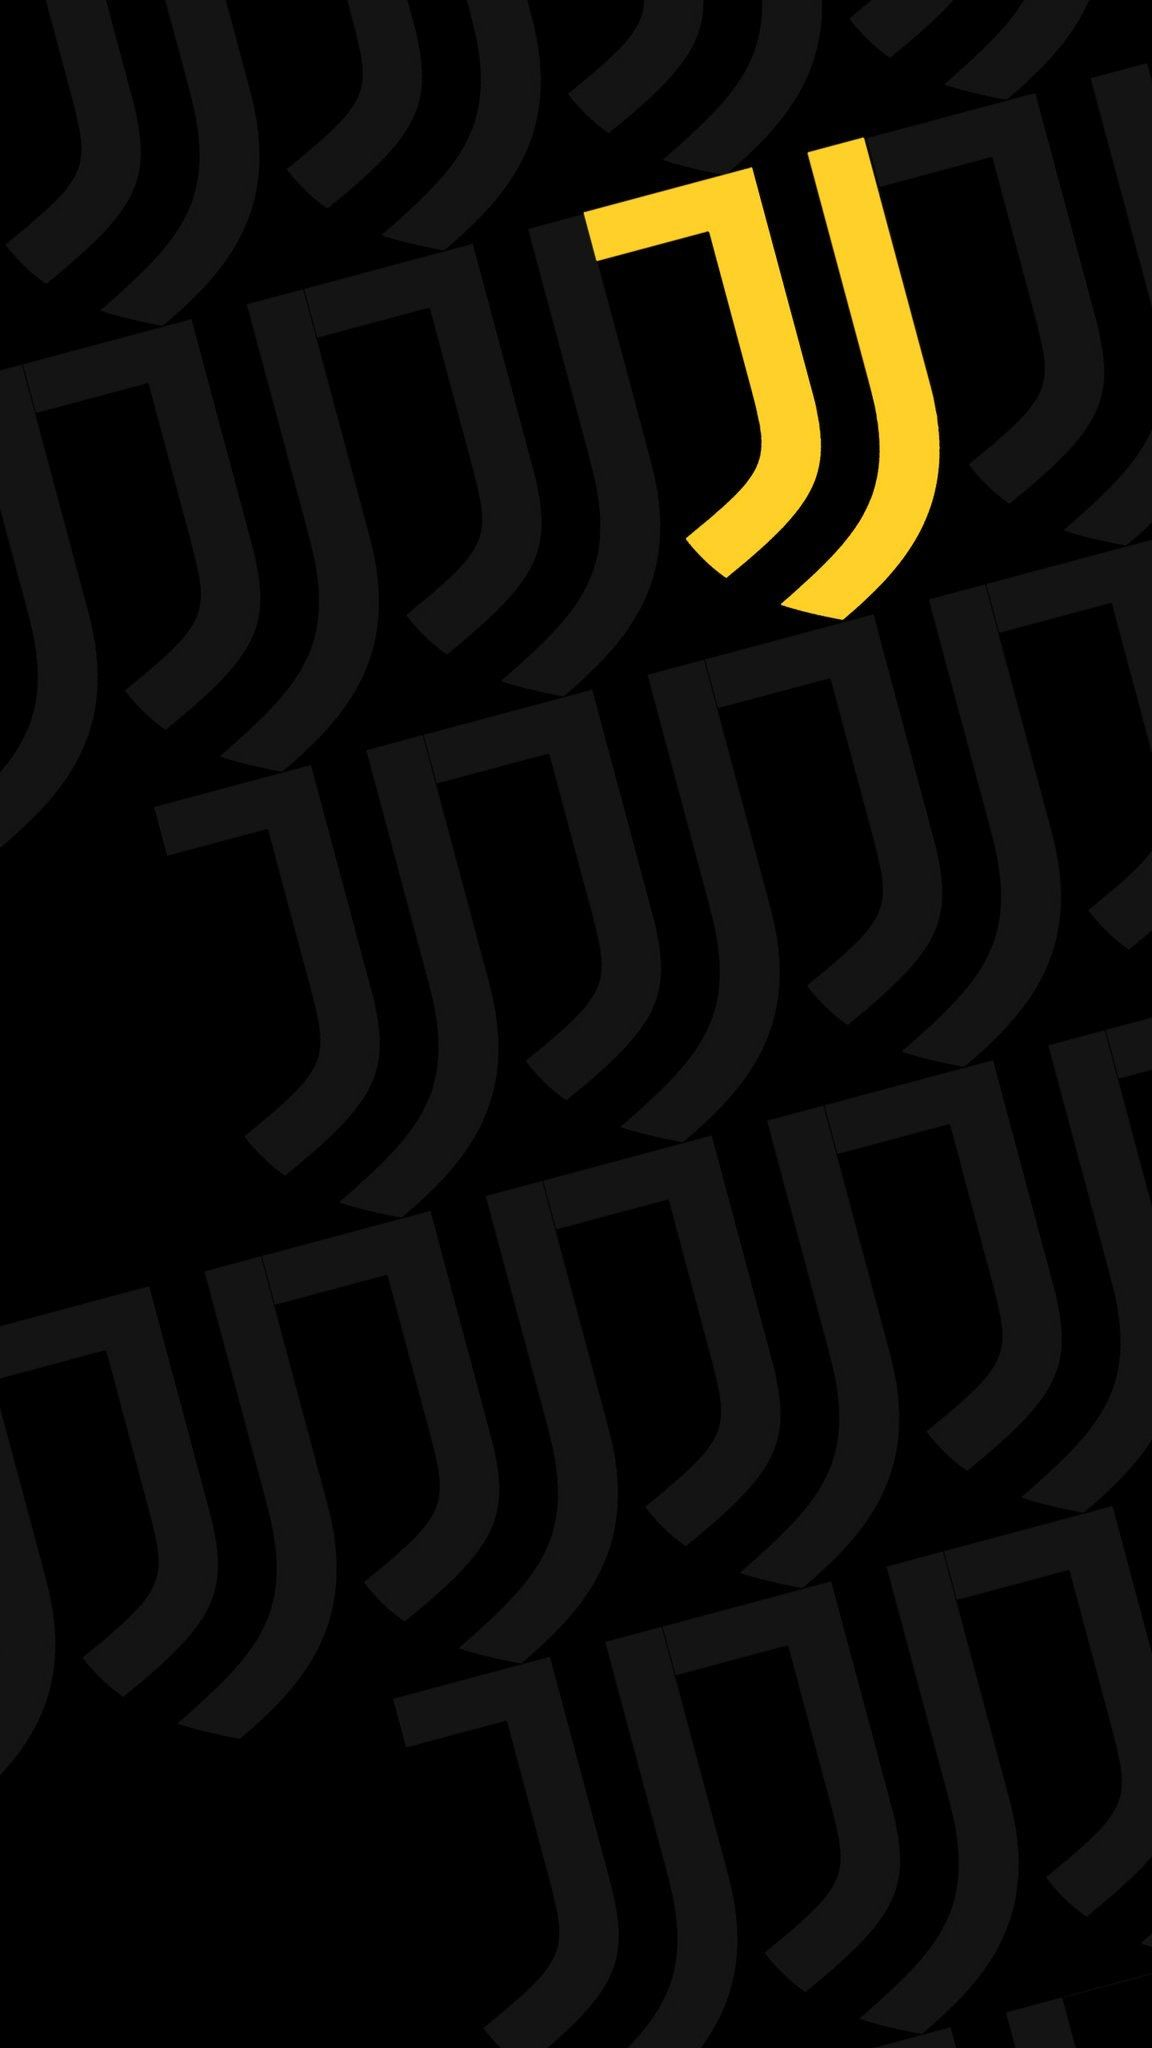 2017 New Logo Juventus Wallpaper For Iphone 7 Giocatori Di